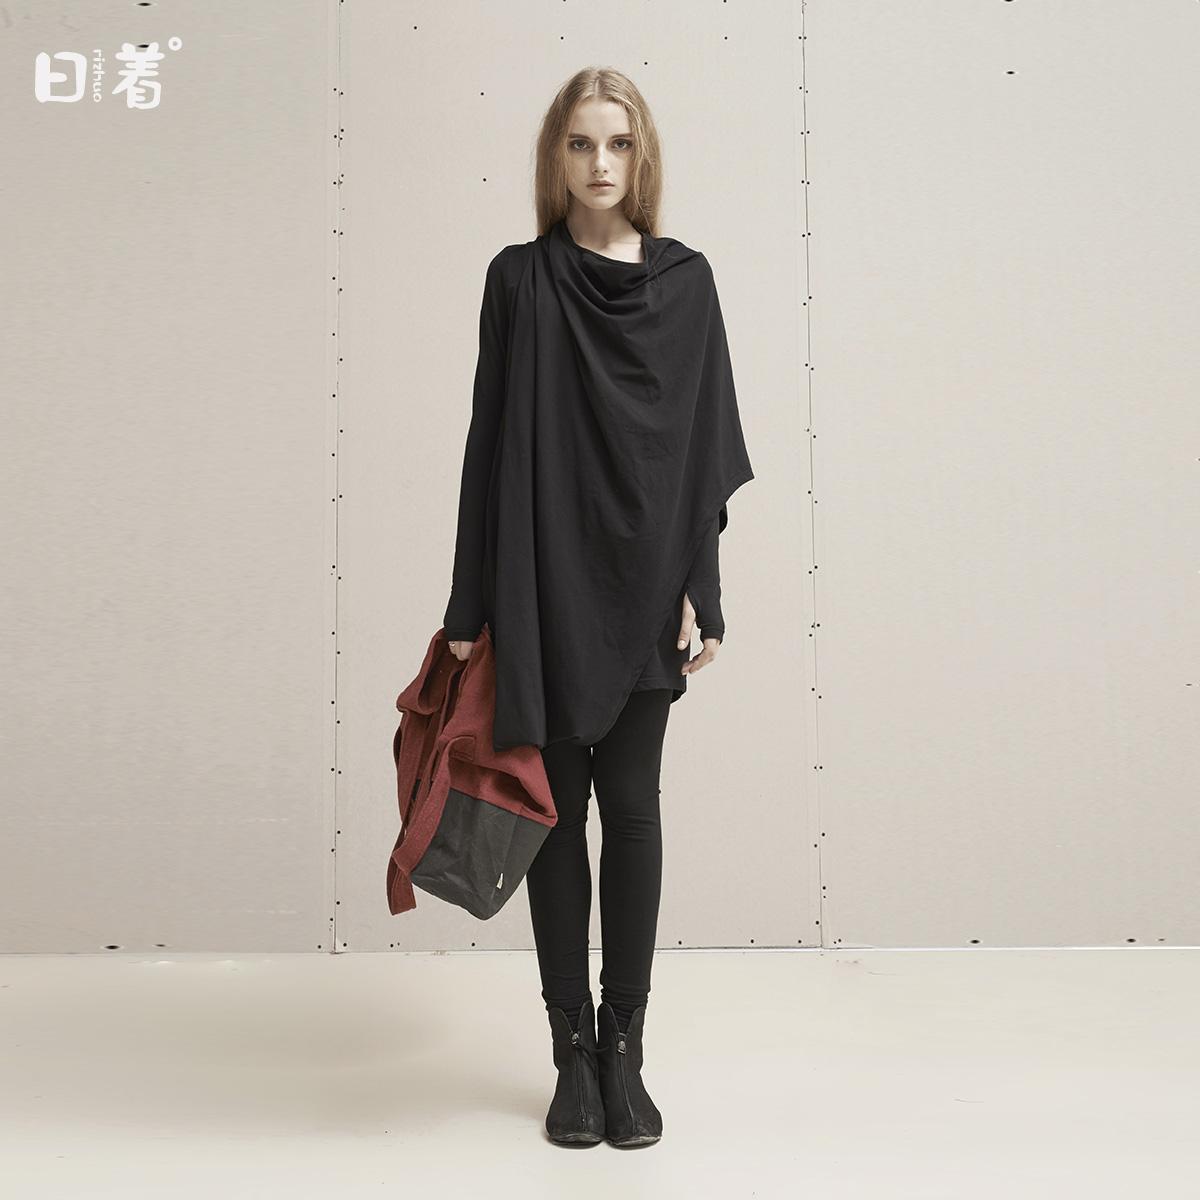 日着原创设计春秋装2017新款 假两件长袖秋款宽松连衣裙